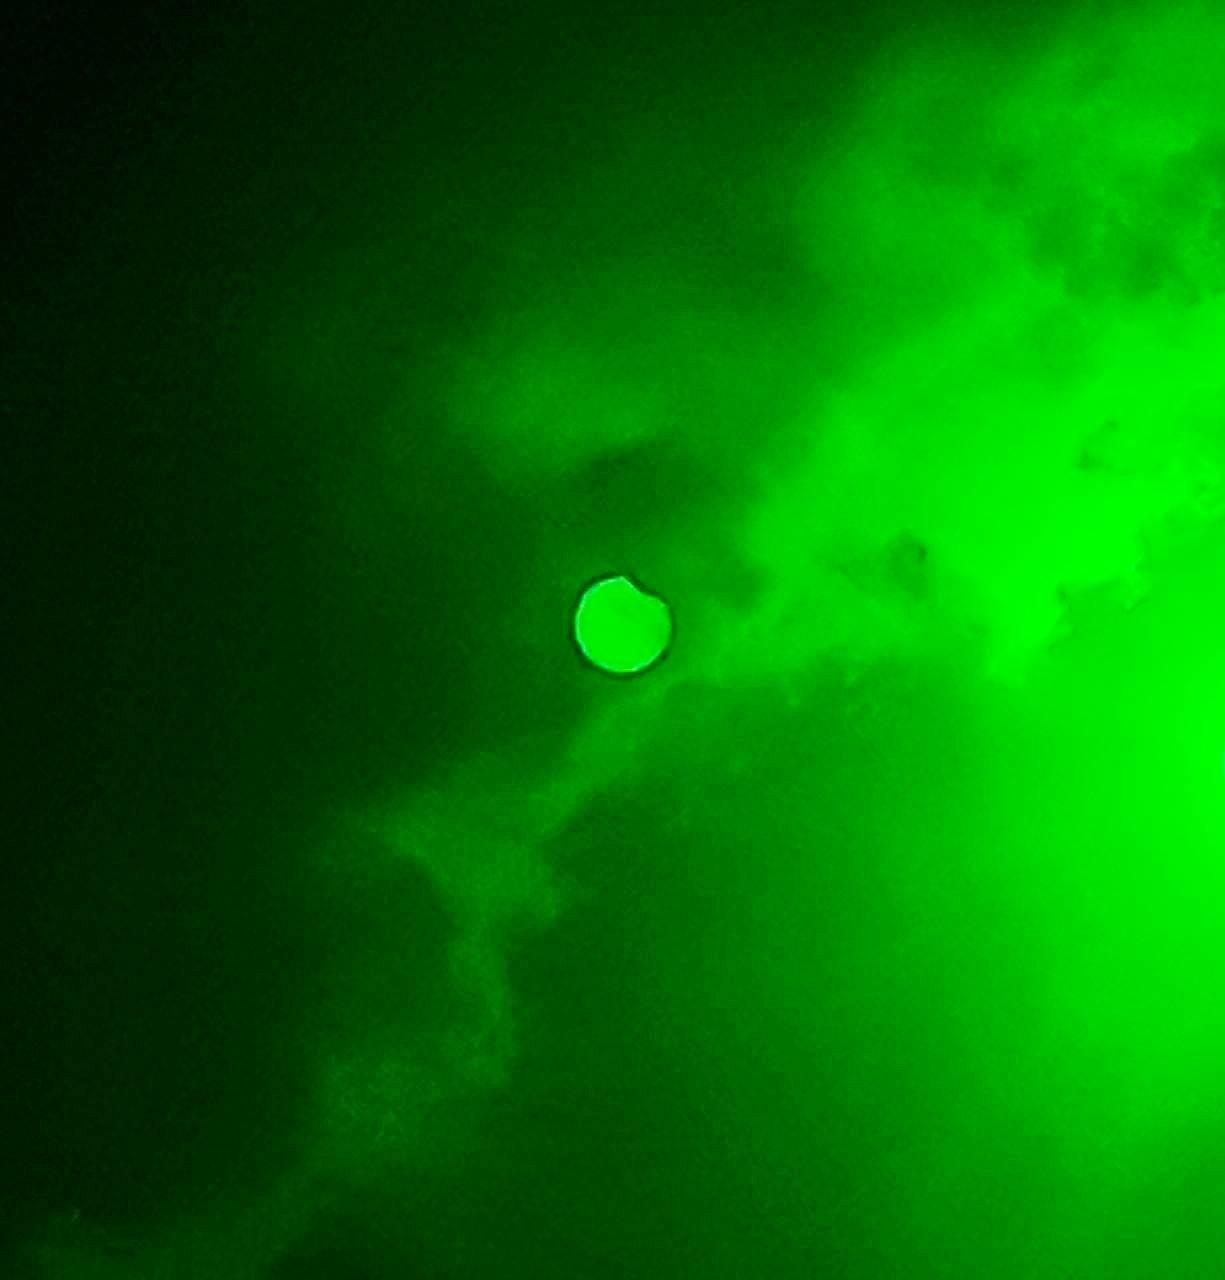 У Сумах зафіксували часткове сонячне затемнення, фото-1